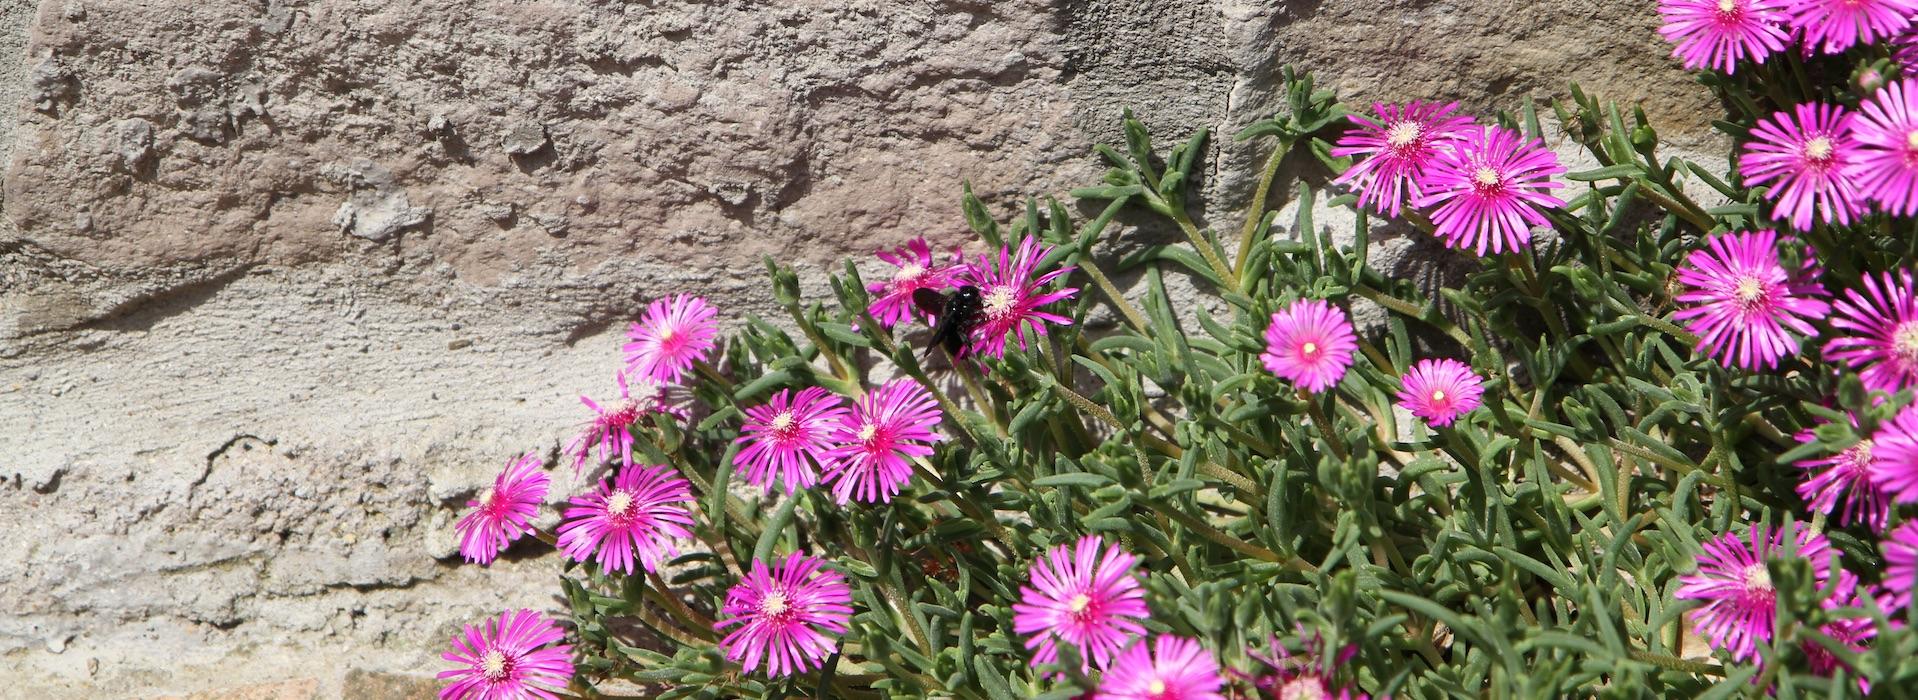 Fiorellini nel giardino del Podere Porcino a Civitella d'Agliano